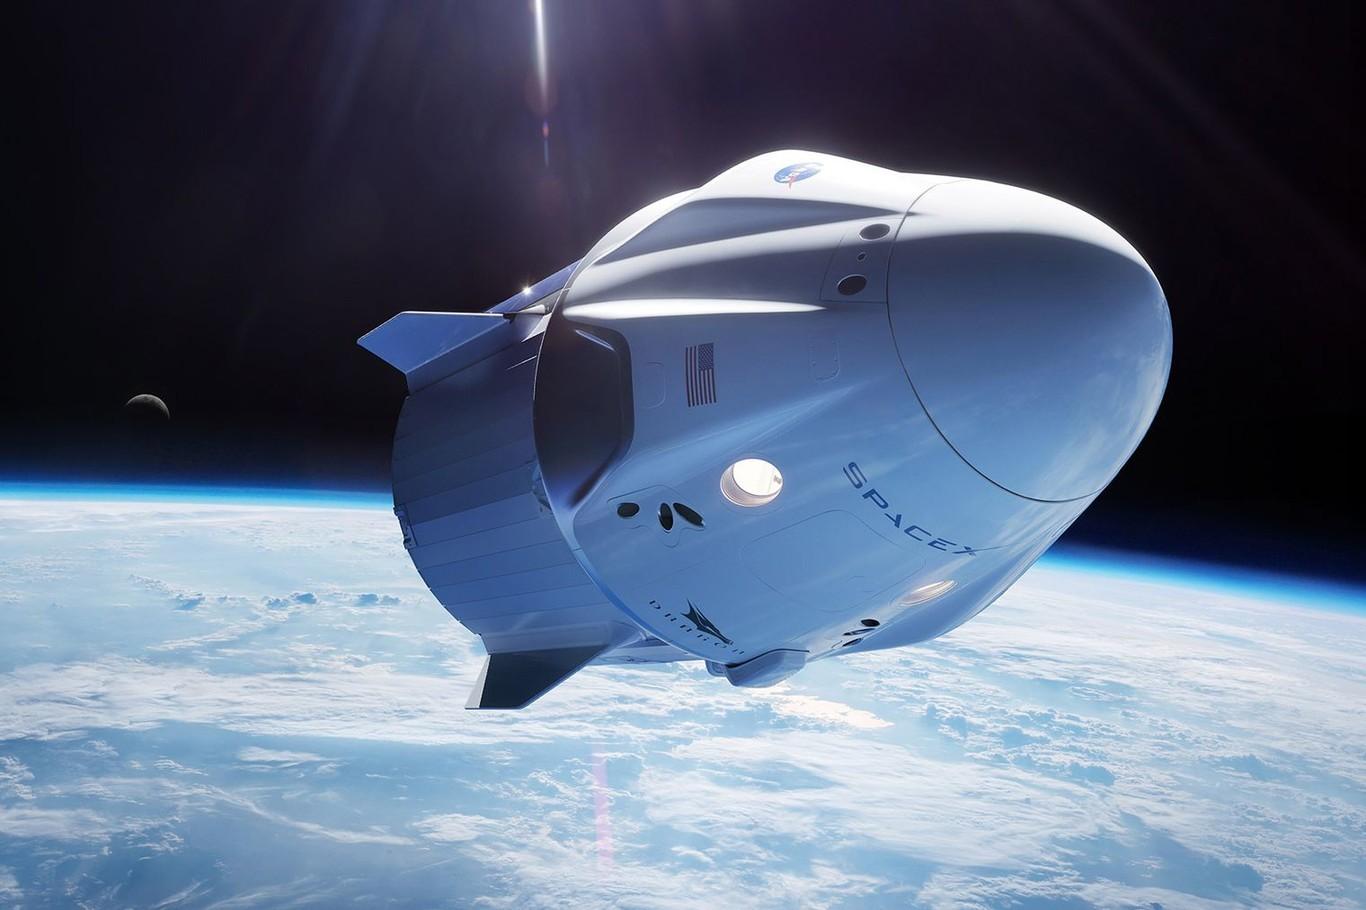 SpaceX lanzará su primera misión tripulada: así puedes seguir el histórico lanzamiento en directo